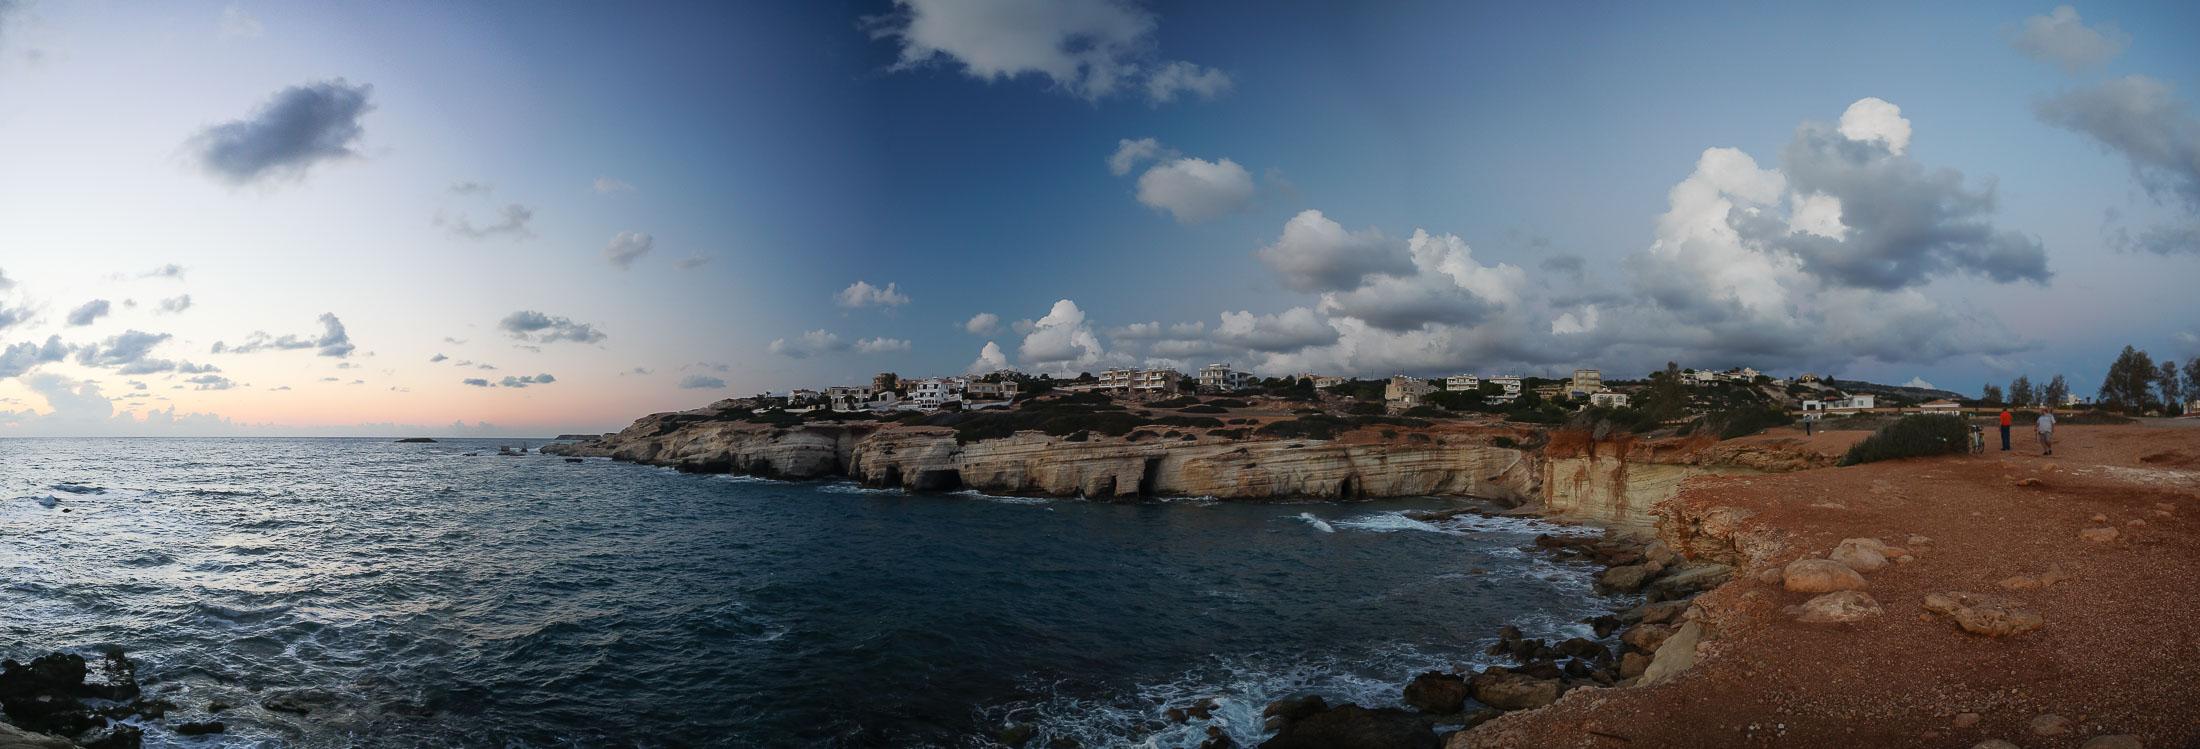 Cyprus Panoramas - www.jusmedic.com